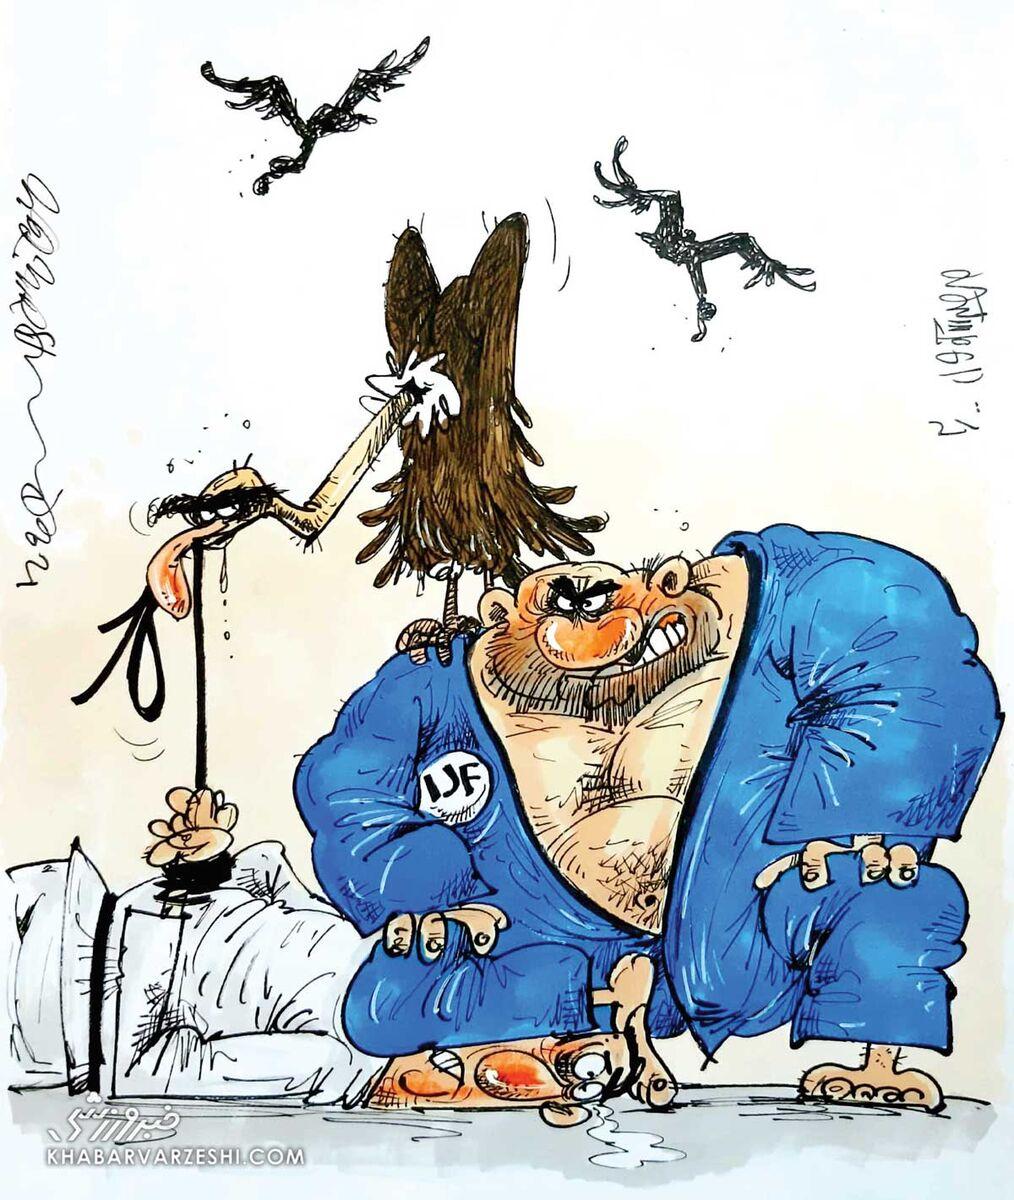 کارتون محمدرضا میرشاهولد درباره محرومیت جودو